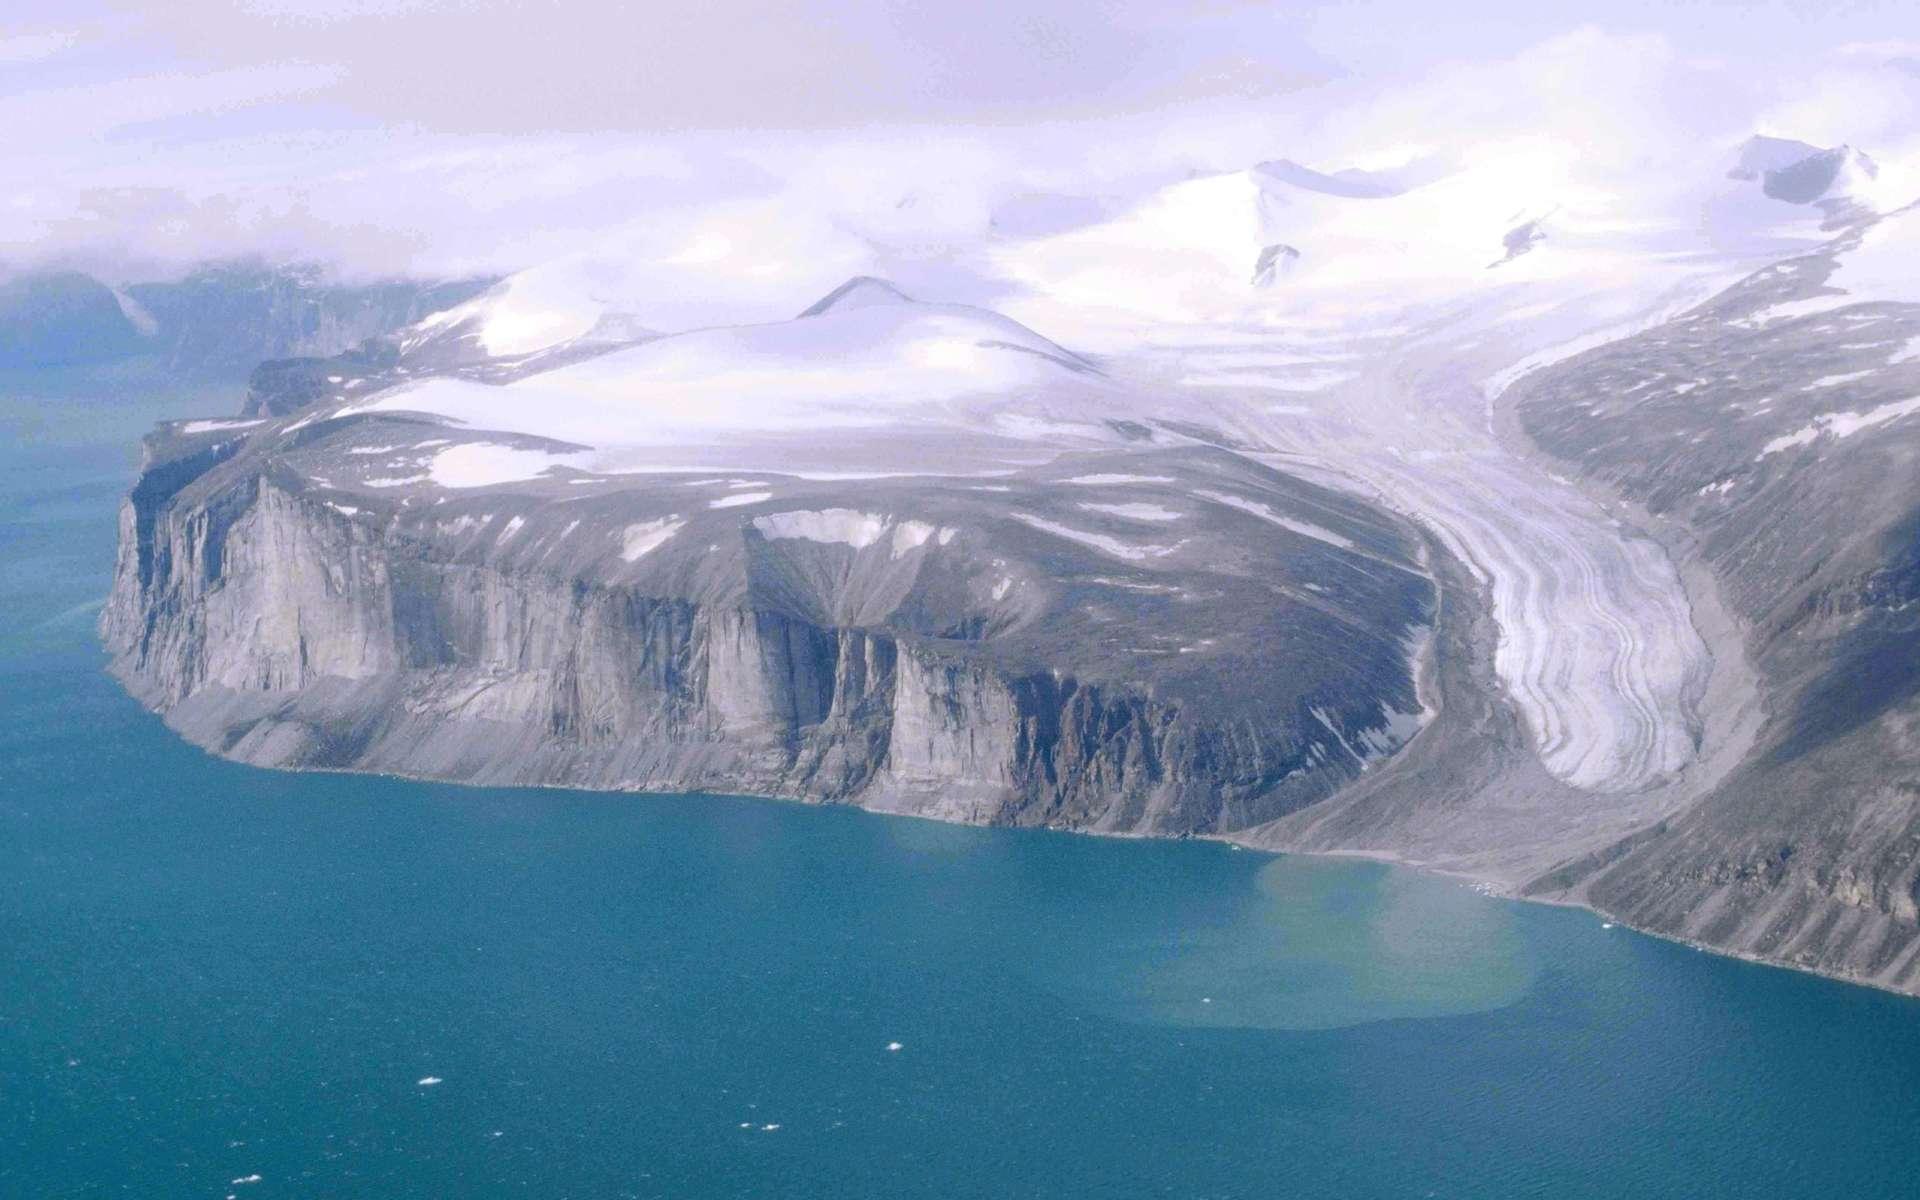 Située dans l'est du Grand Nord canadien, l'île de Baffin compte actuellement 11.000 habitants. Avec 500.000 km2, et si on ne compte pas l'Australie, l'île est la cinquième plus grande au monde.